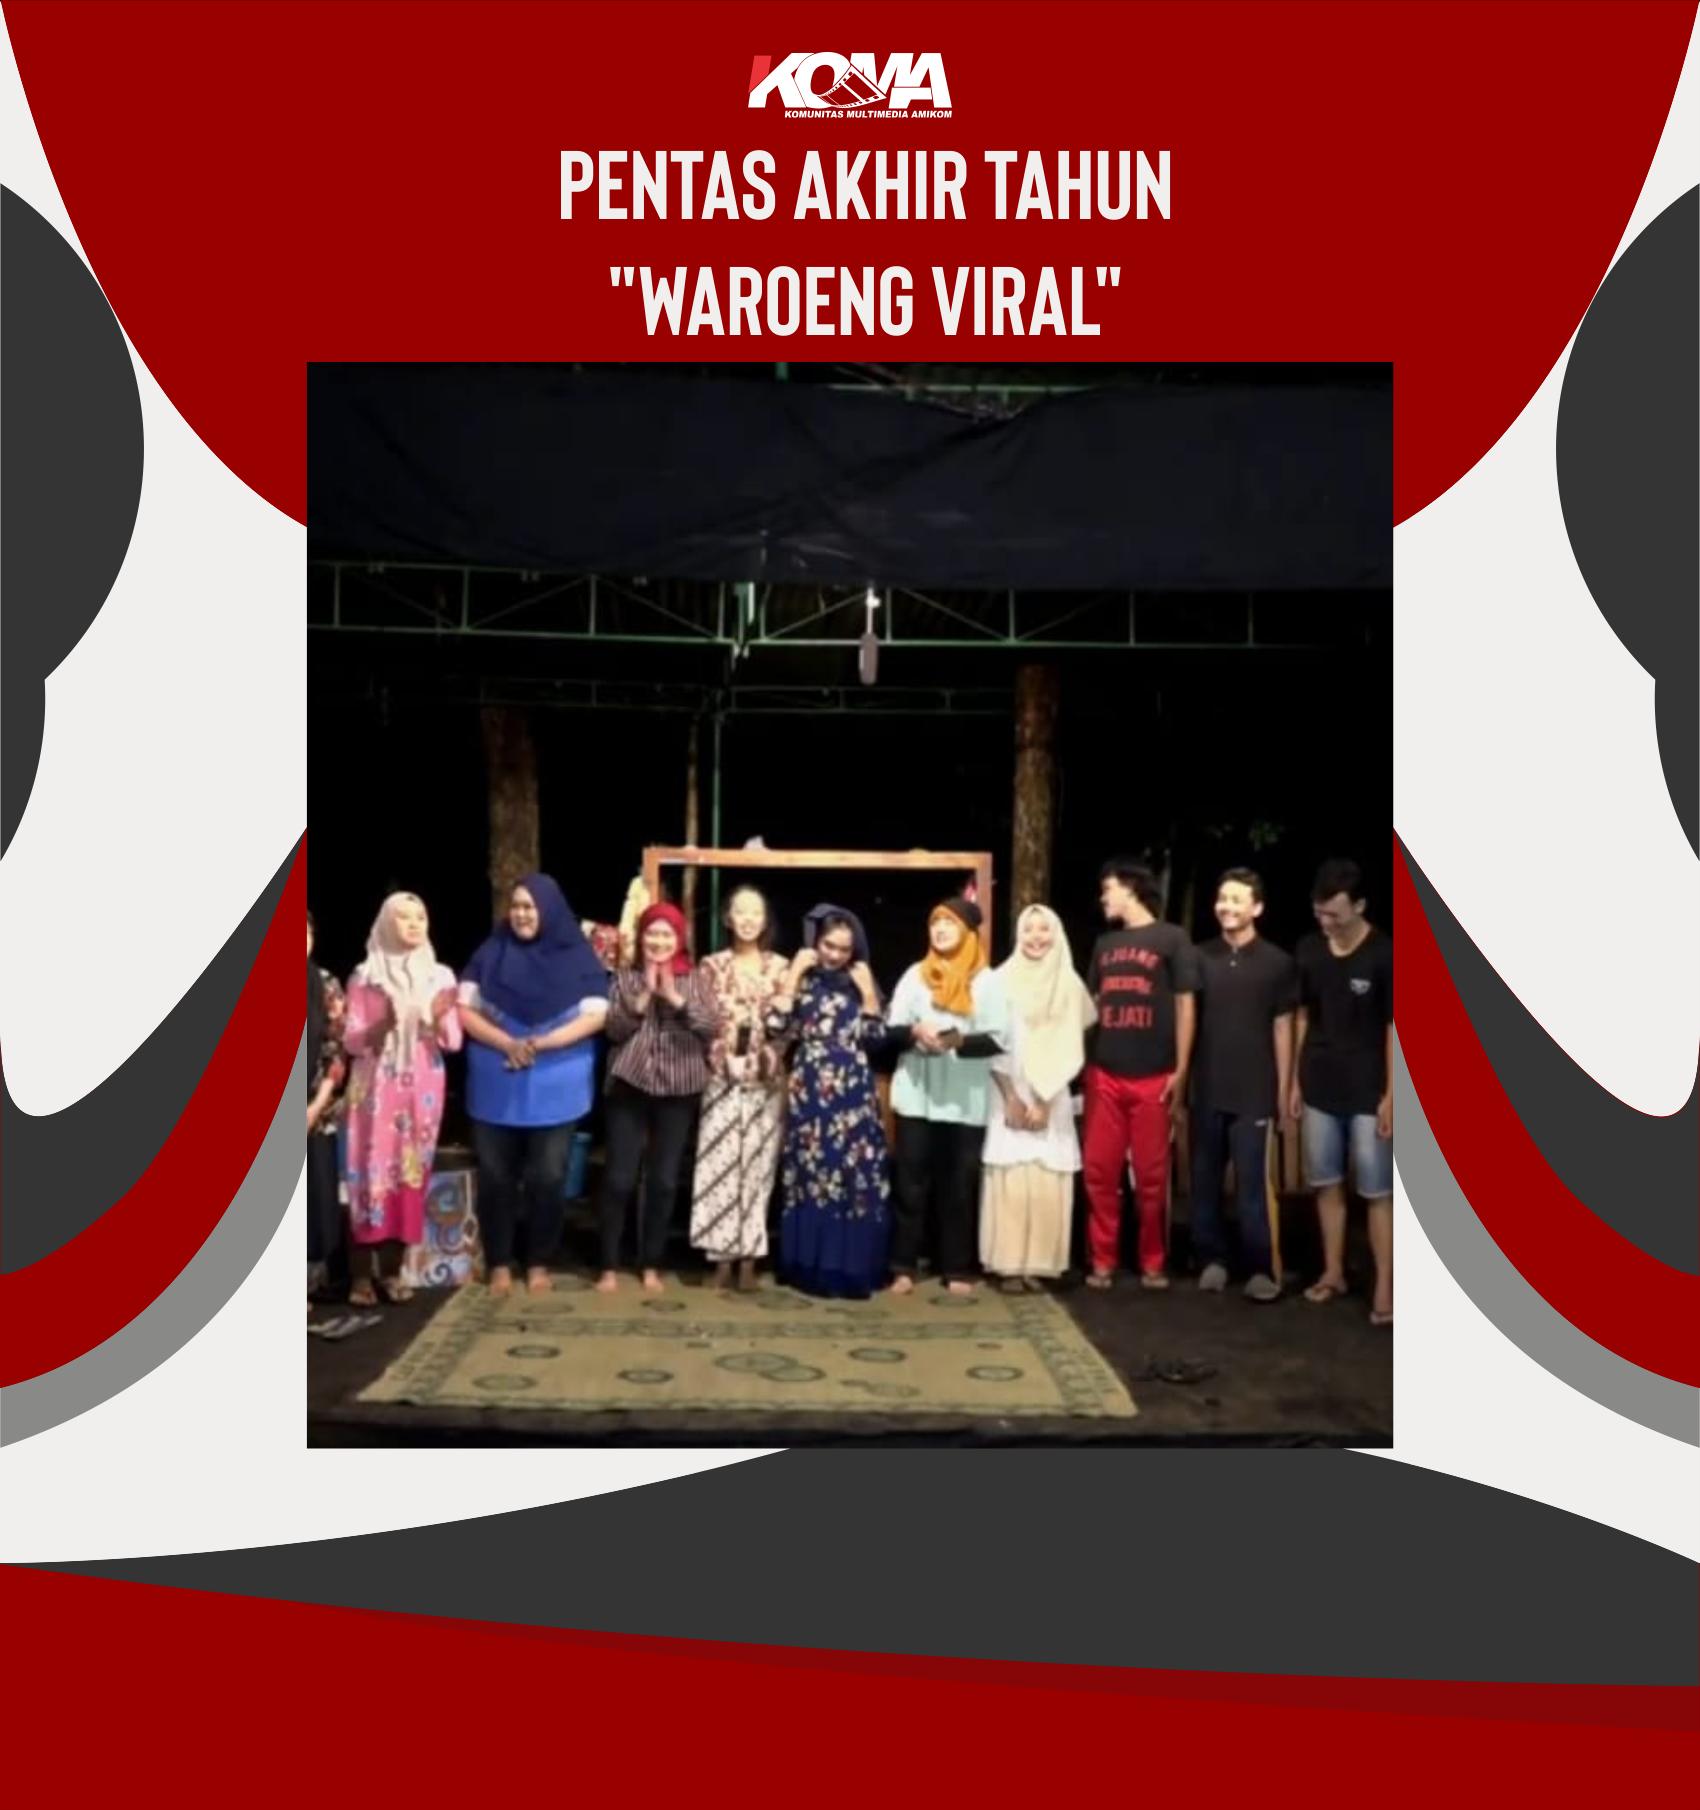 PENTAS-AKHIR-TAHUN-TEATER-MANGGAR_WAROENG-VIRAL-1